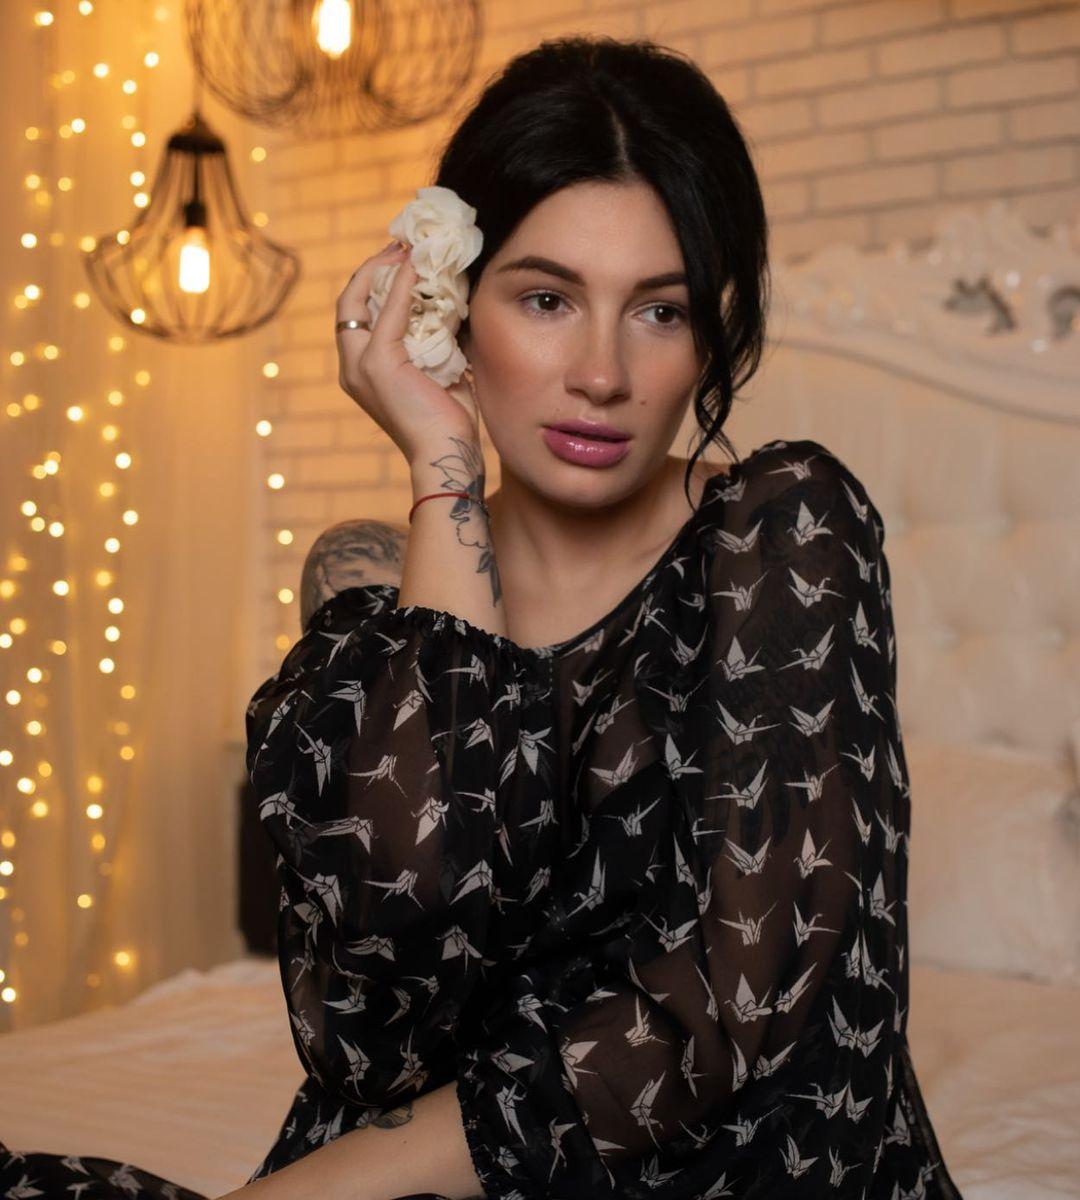 Анастасия Приходько вызвала полицию, чтобы проучить собственную дочь